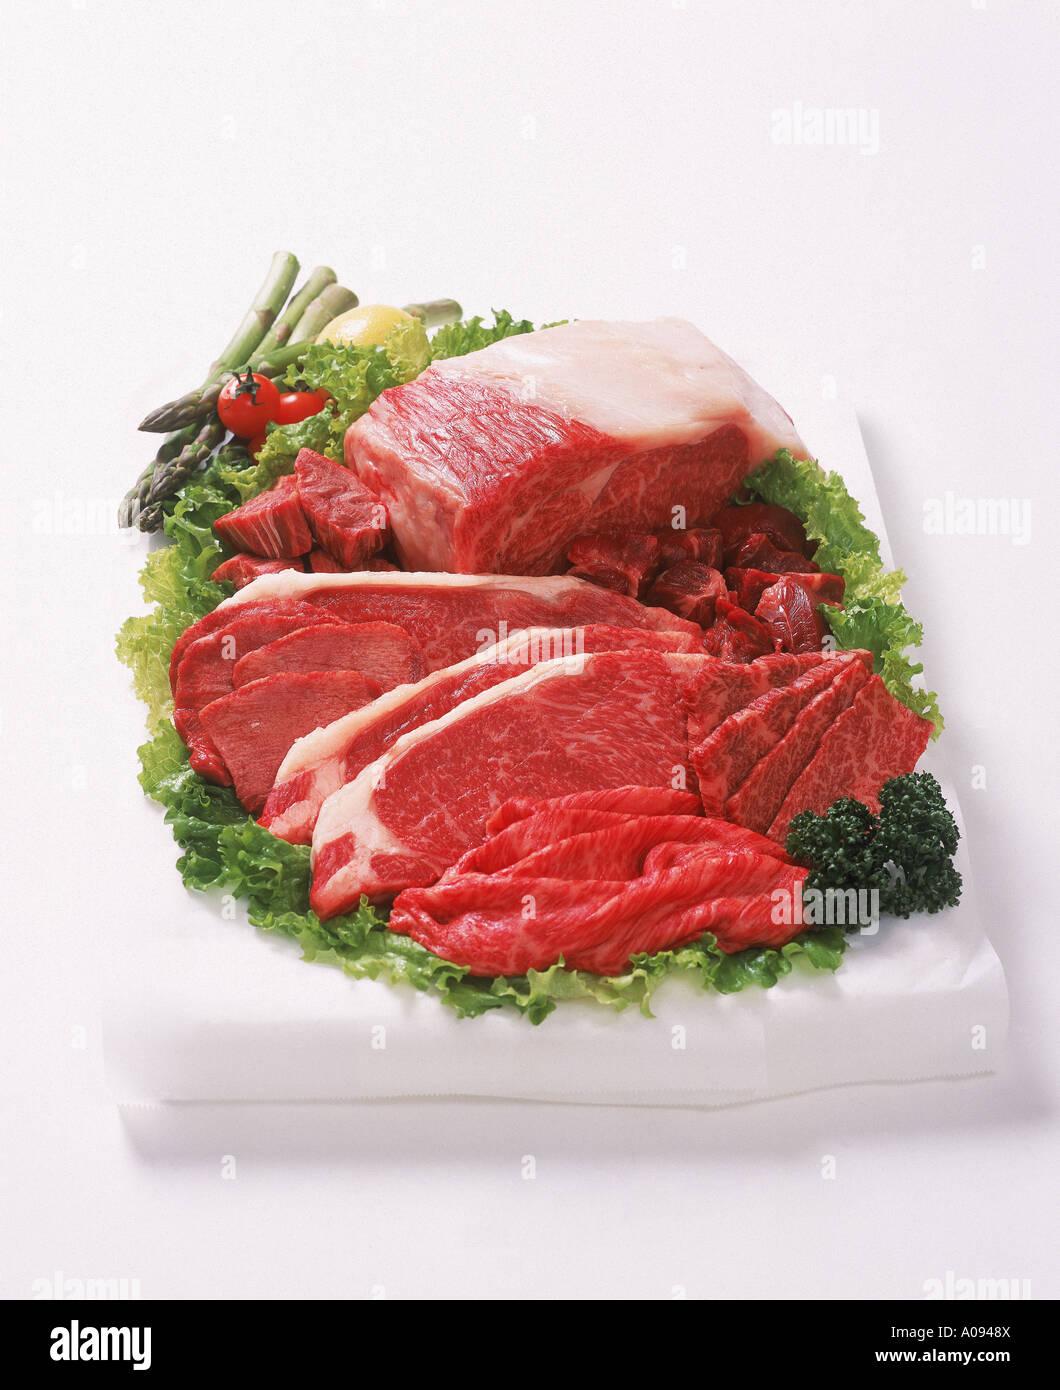 69eae41f48 Surtido de cortes de carne de vacuno con verduras Foto   Imagen De ...